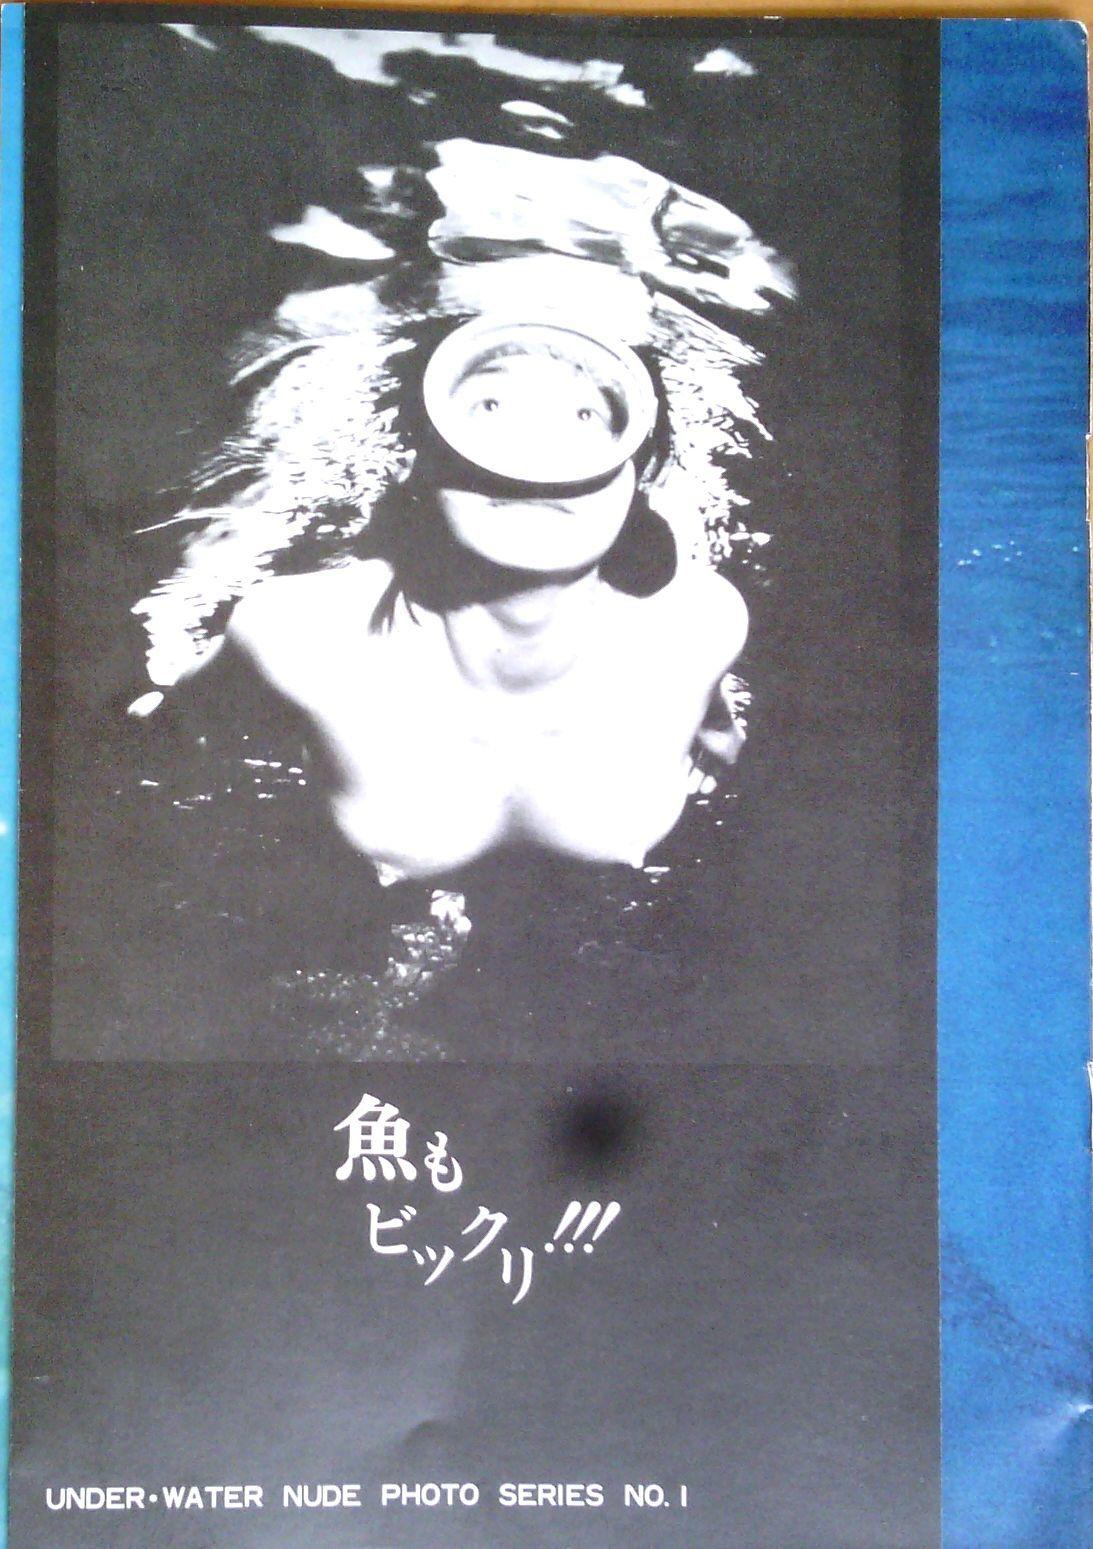 0323  ダイビングの歴史56  マリンダイビング創刊1969_b0075059_14195372.jpg